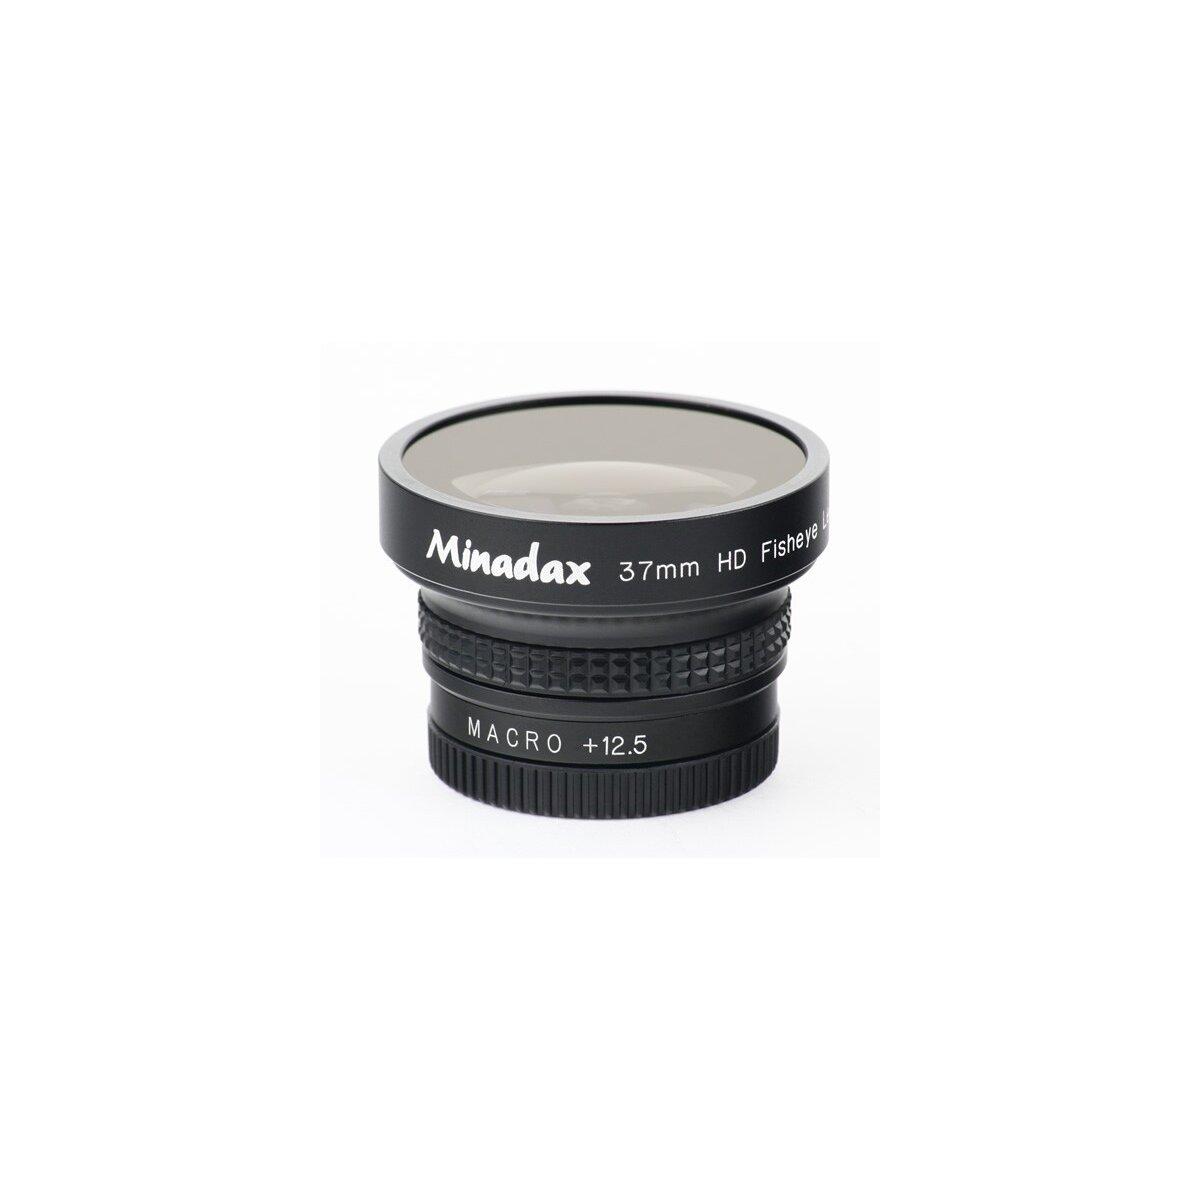 0.42x Minadax Fisheye Vorsatz fuer Panasonic SDR-H280, SDR-S26, NV-GS75, NV-GS80, NV-GS140, NV-GS180, NV-GS230, NV-GS300, NV-GS320, NV-GS330